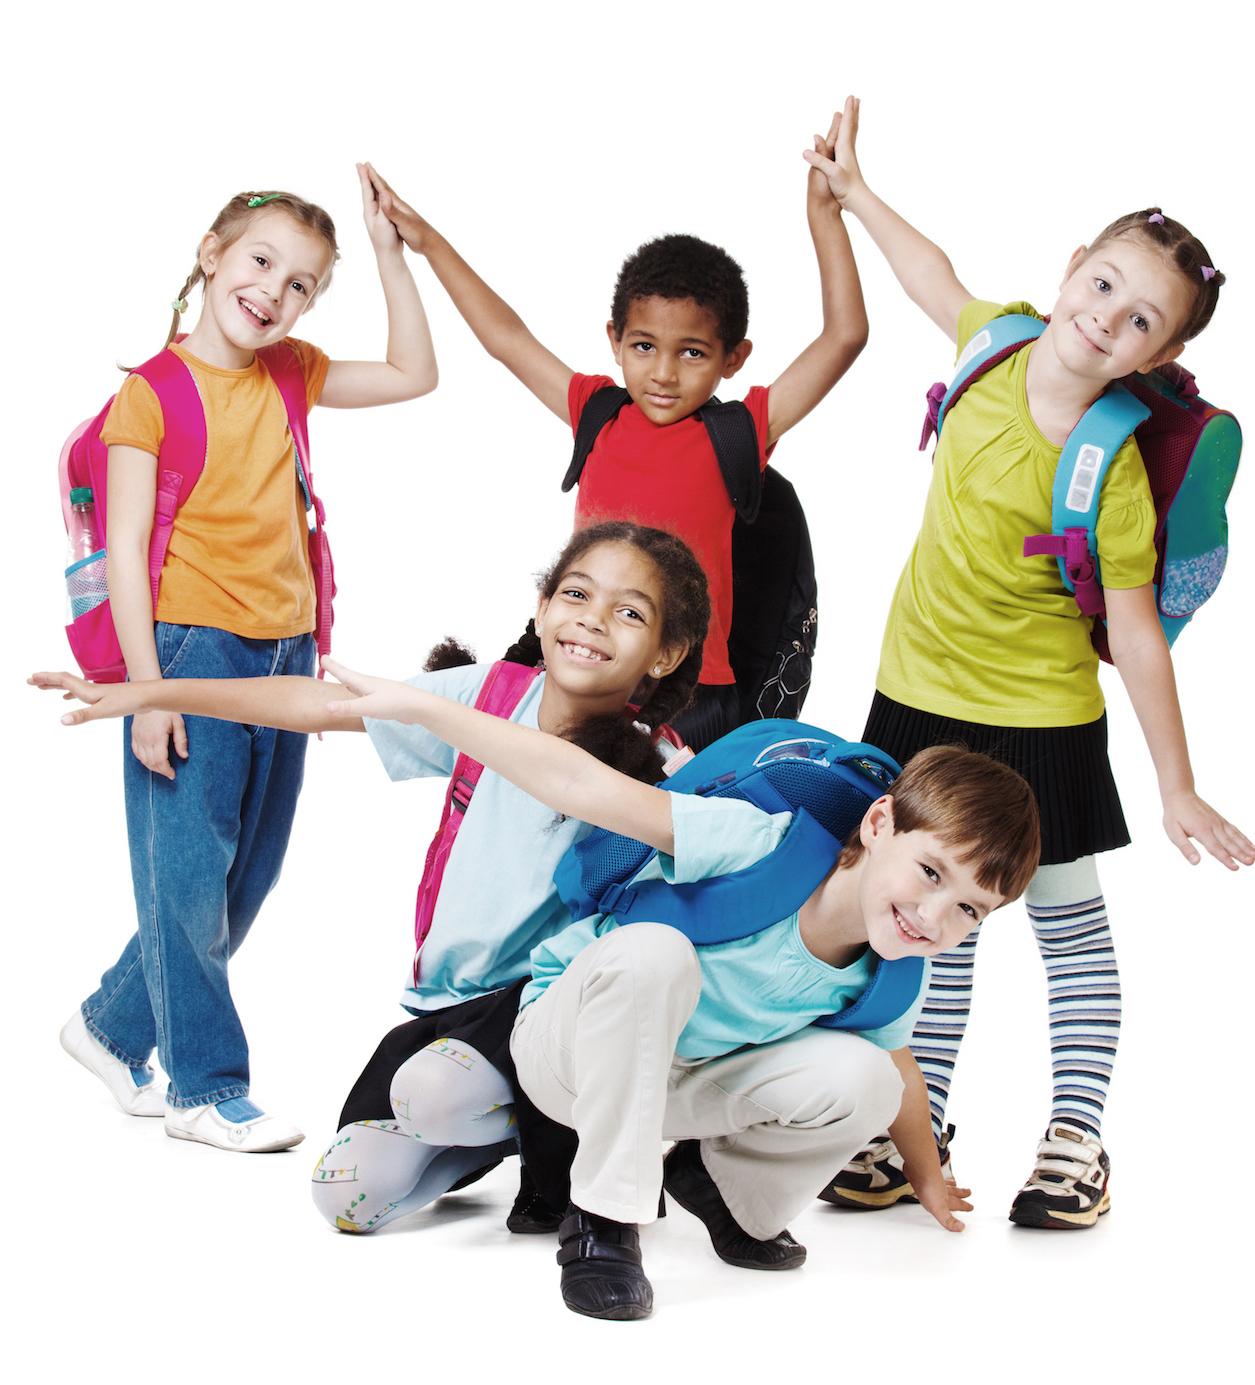 بالصور احدث صور للاطفال , اجمل لقطات لاحباب الله 405 3